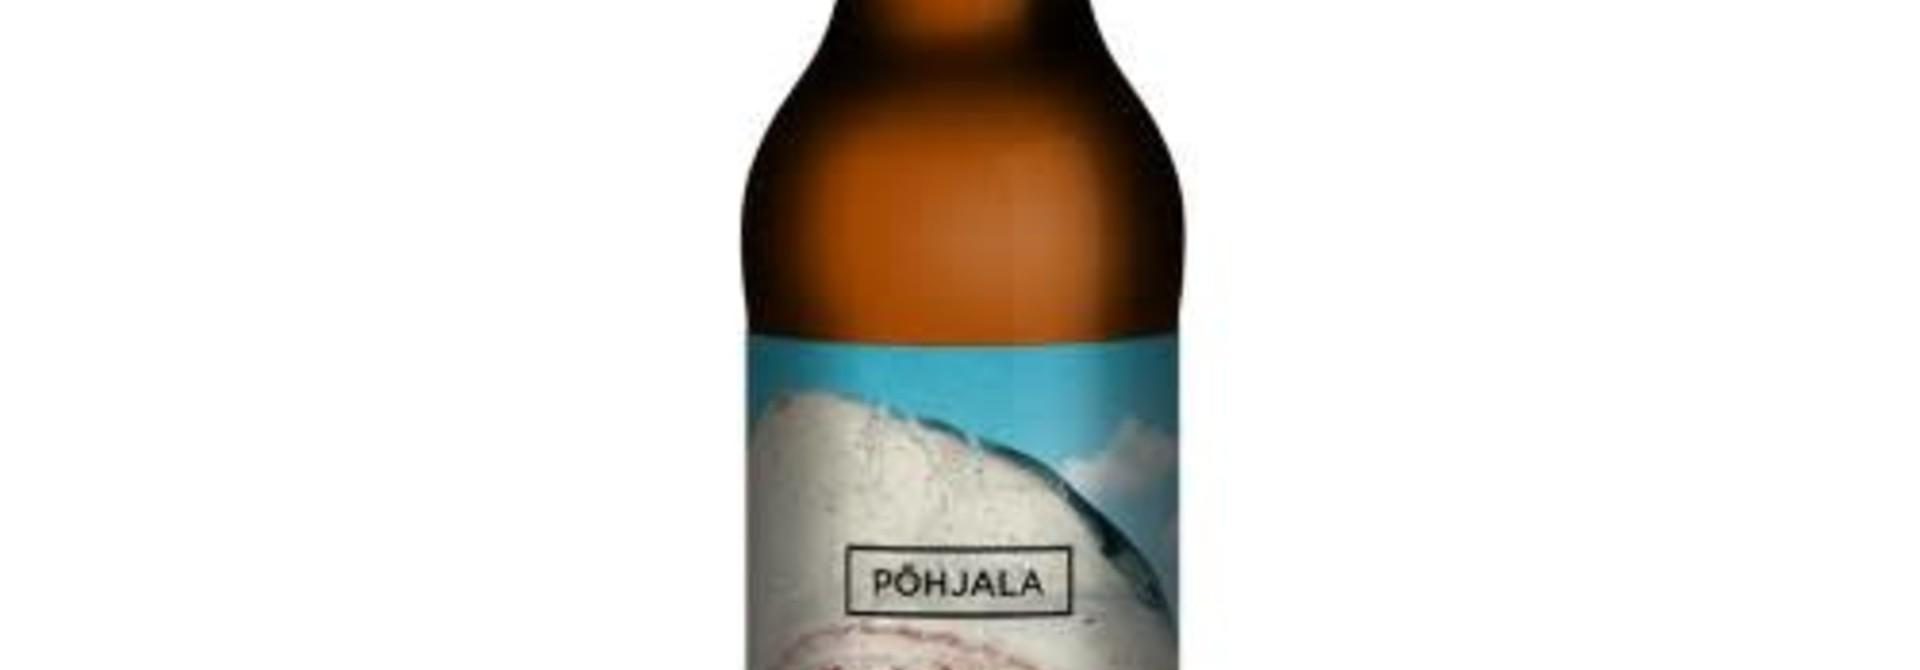 POHJALA - UUS MAAILM 33CL